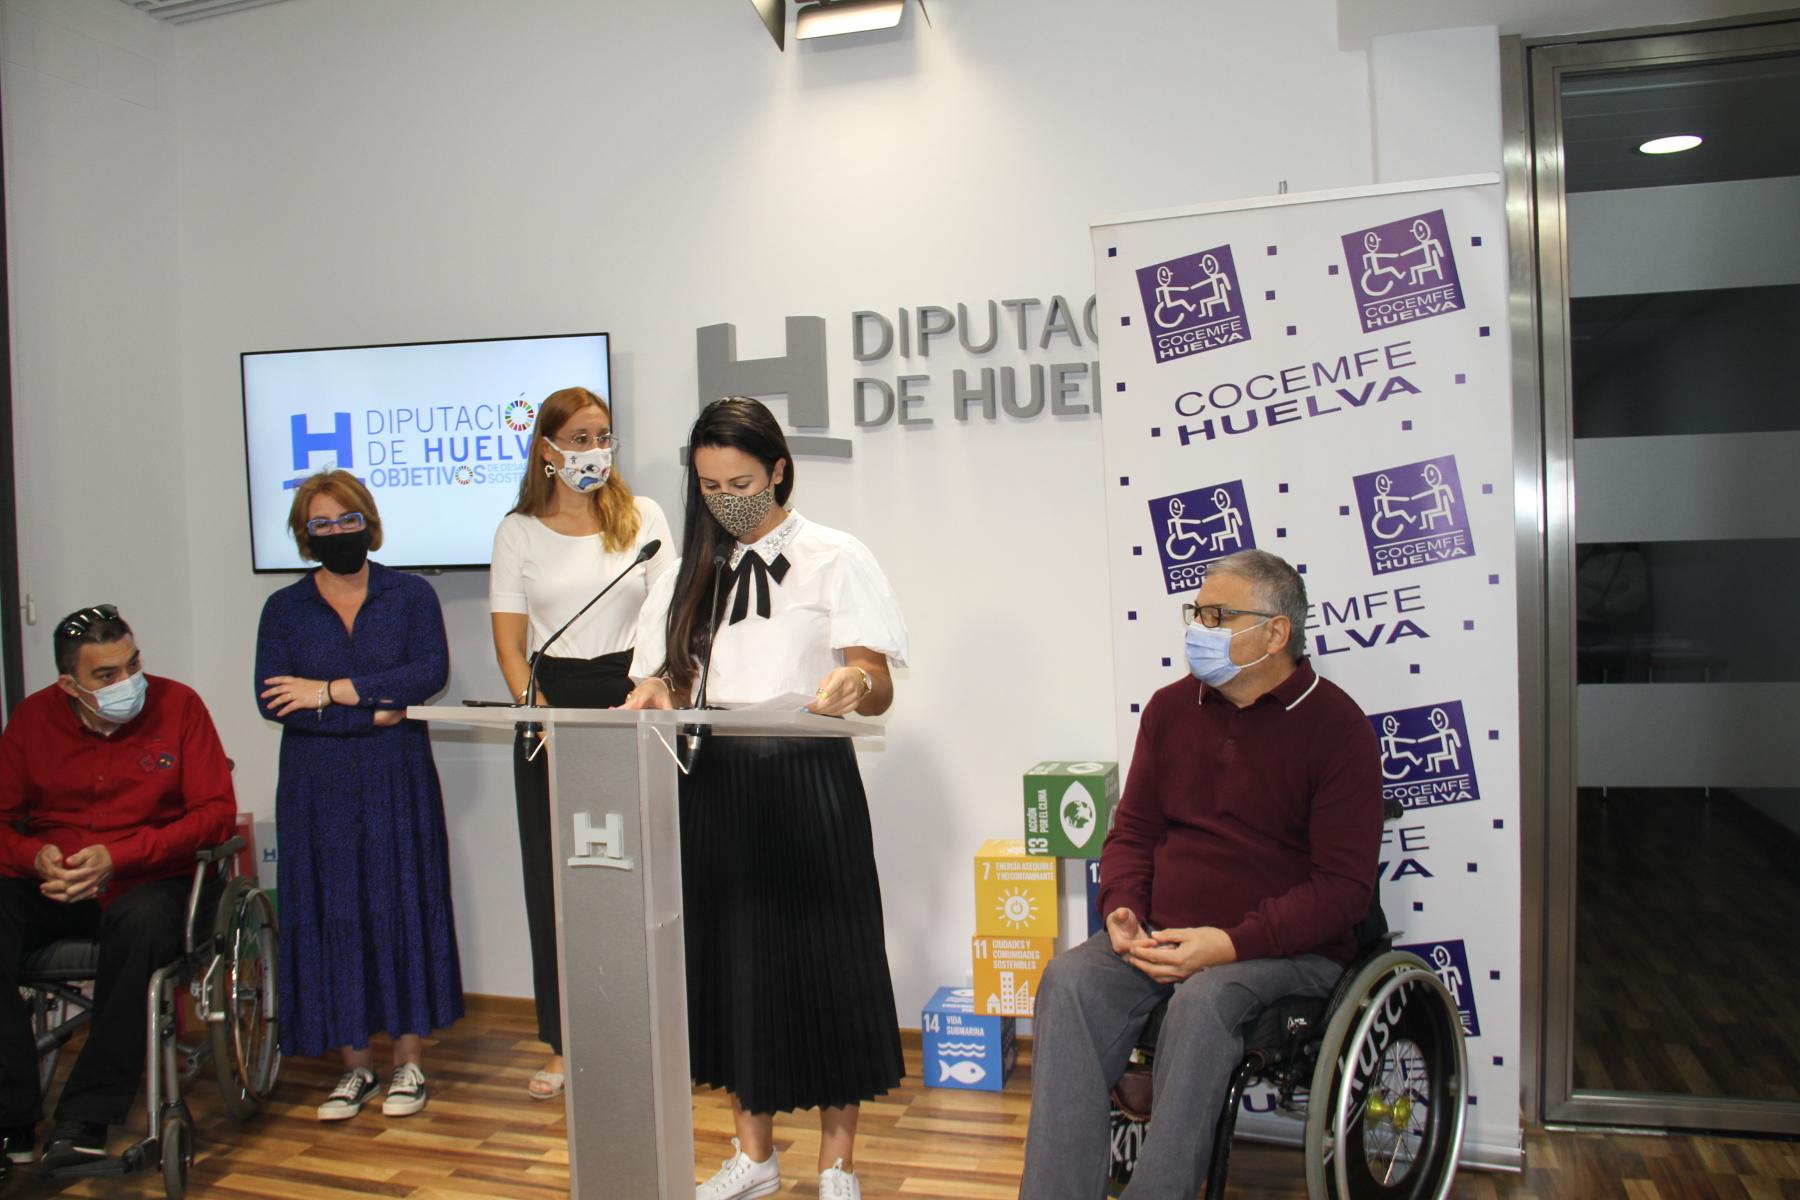 Diputación y COCEMFE promueven la autonomía en personas con discapacidad y vulnerabilidad de la provincia